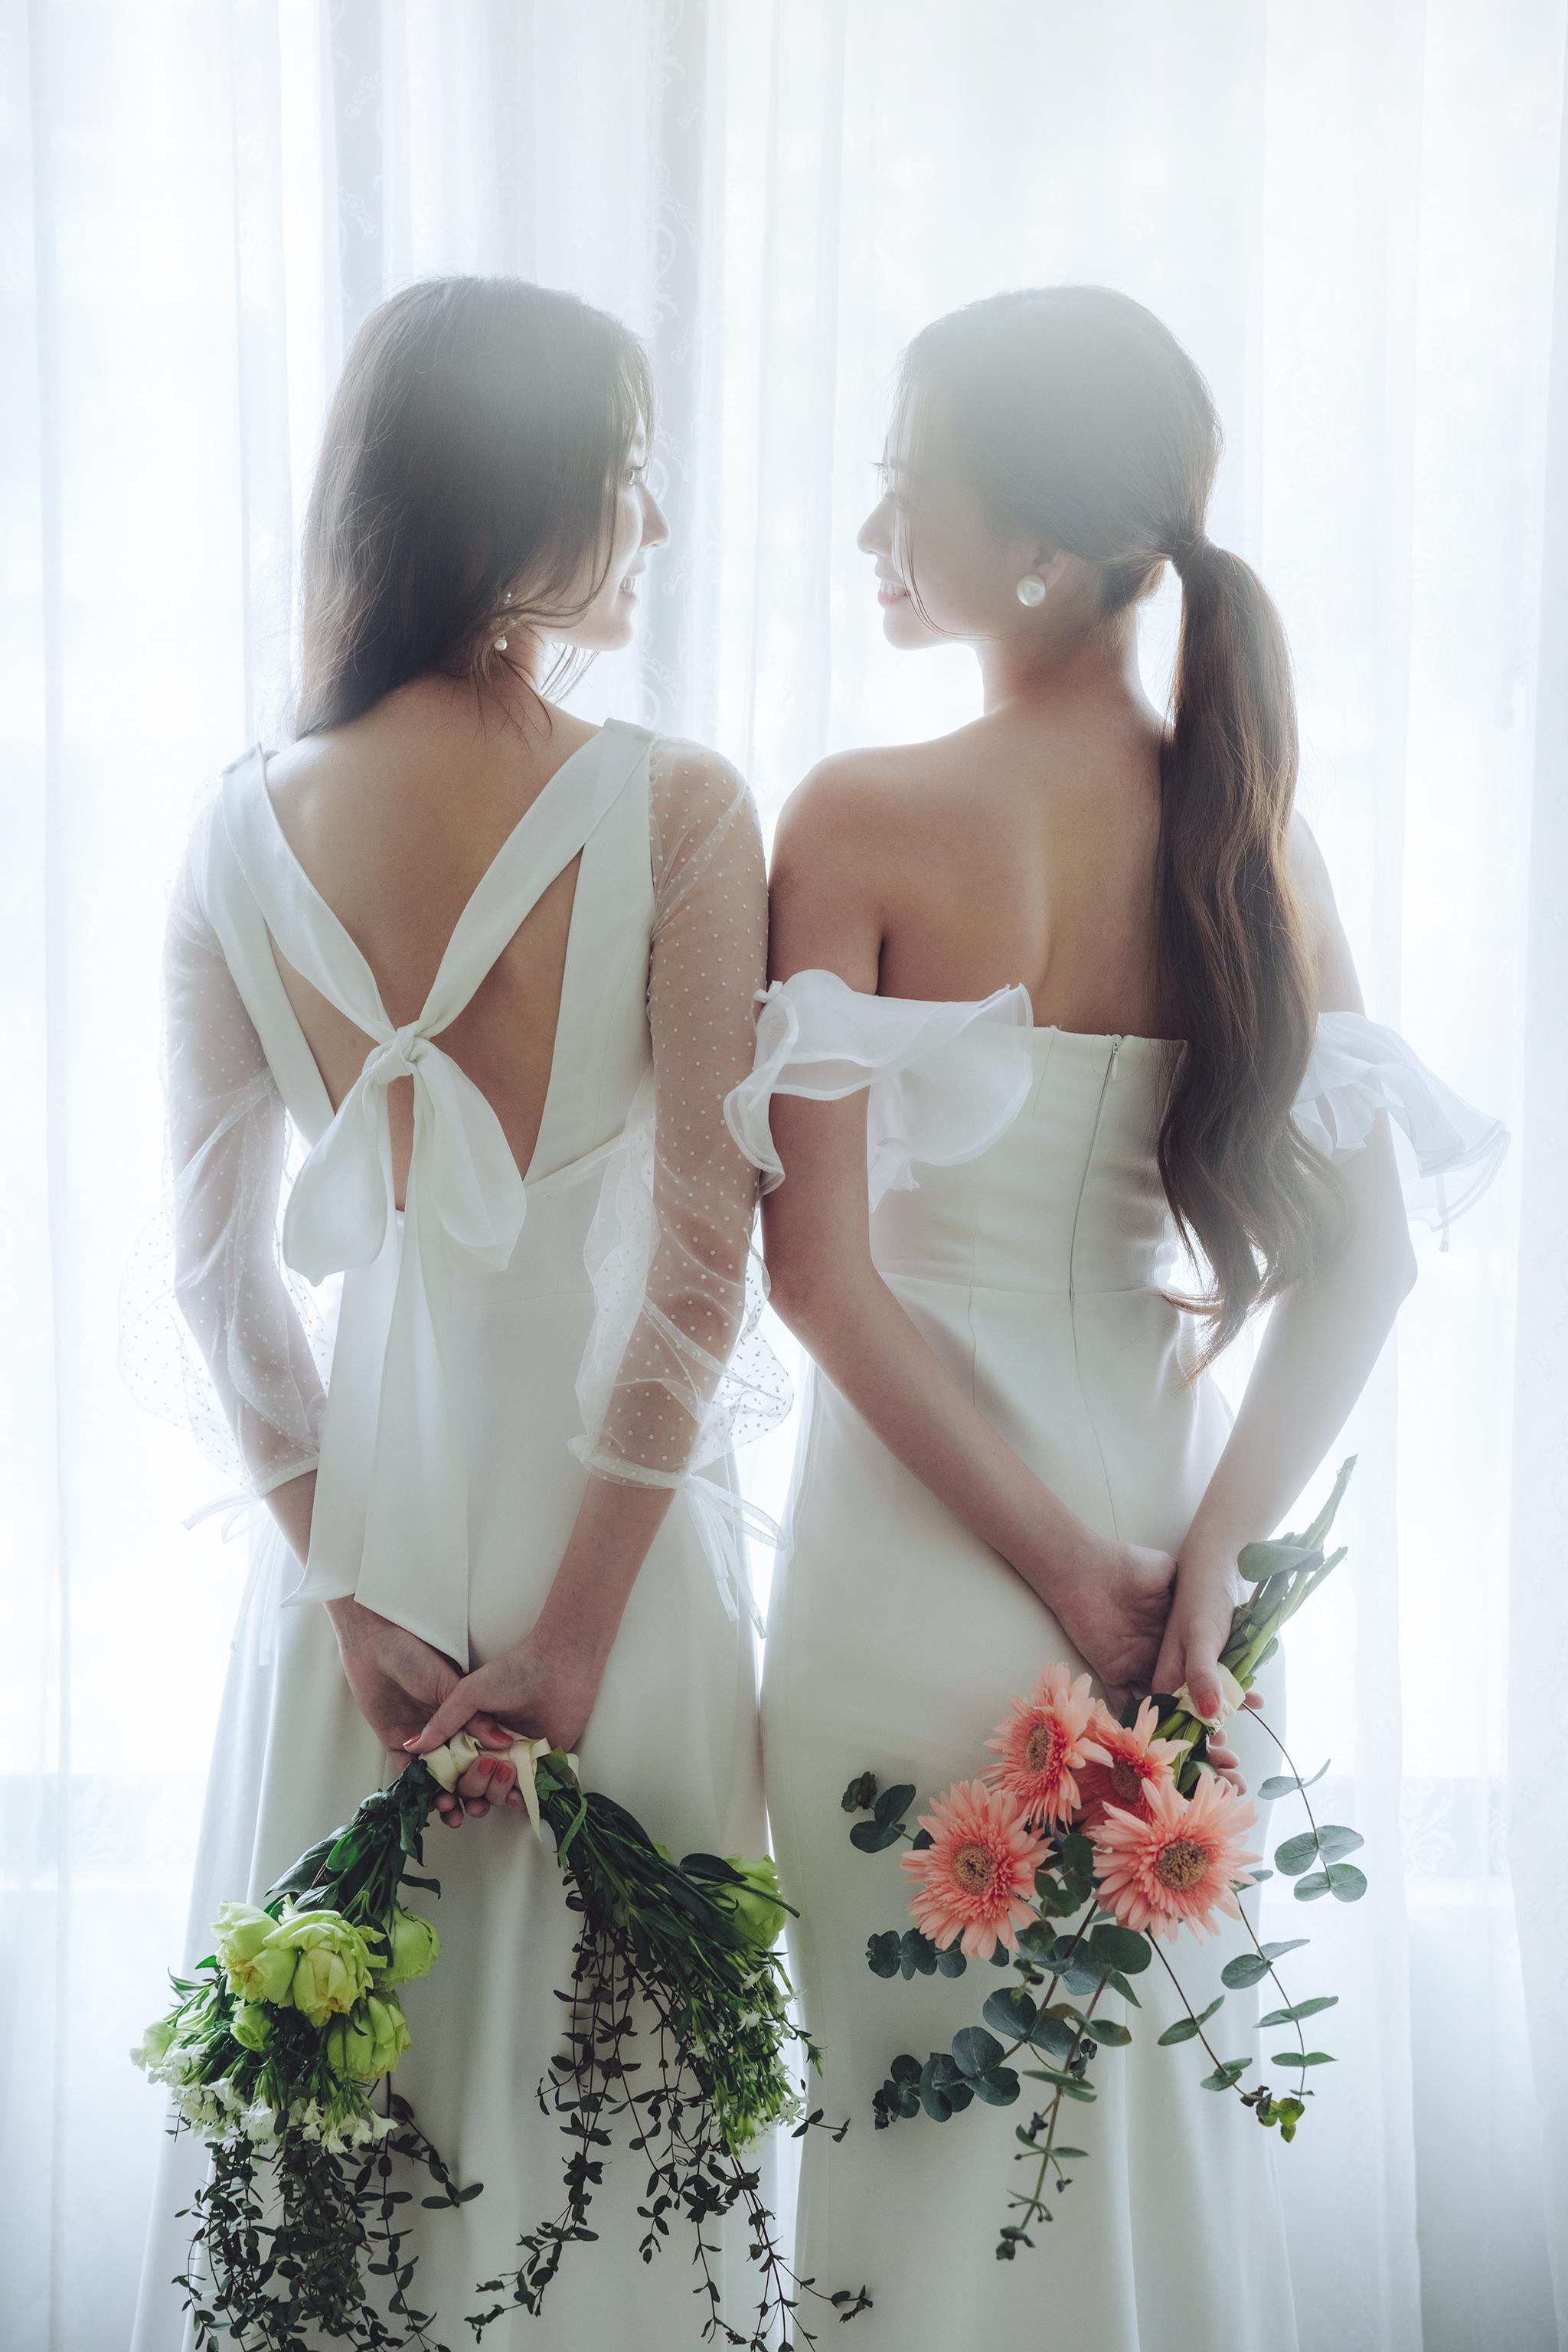 49929574377 a071a5a0f8 o - 【閨蜜婚紗】+Jessy & Tiffany+